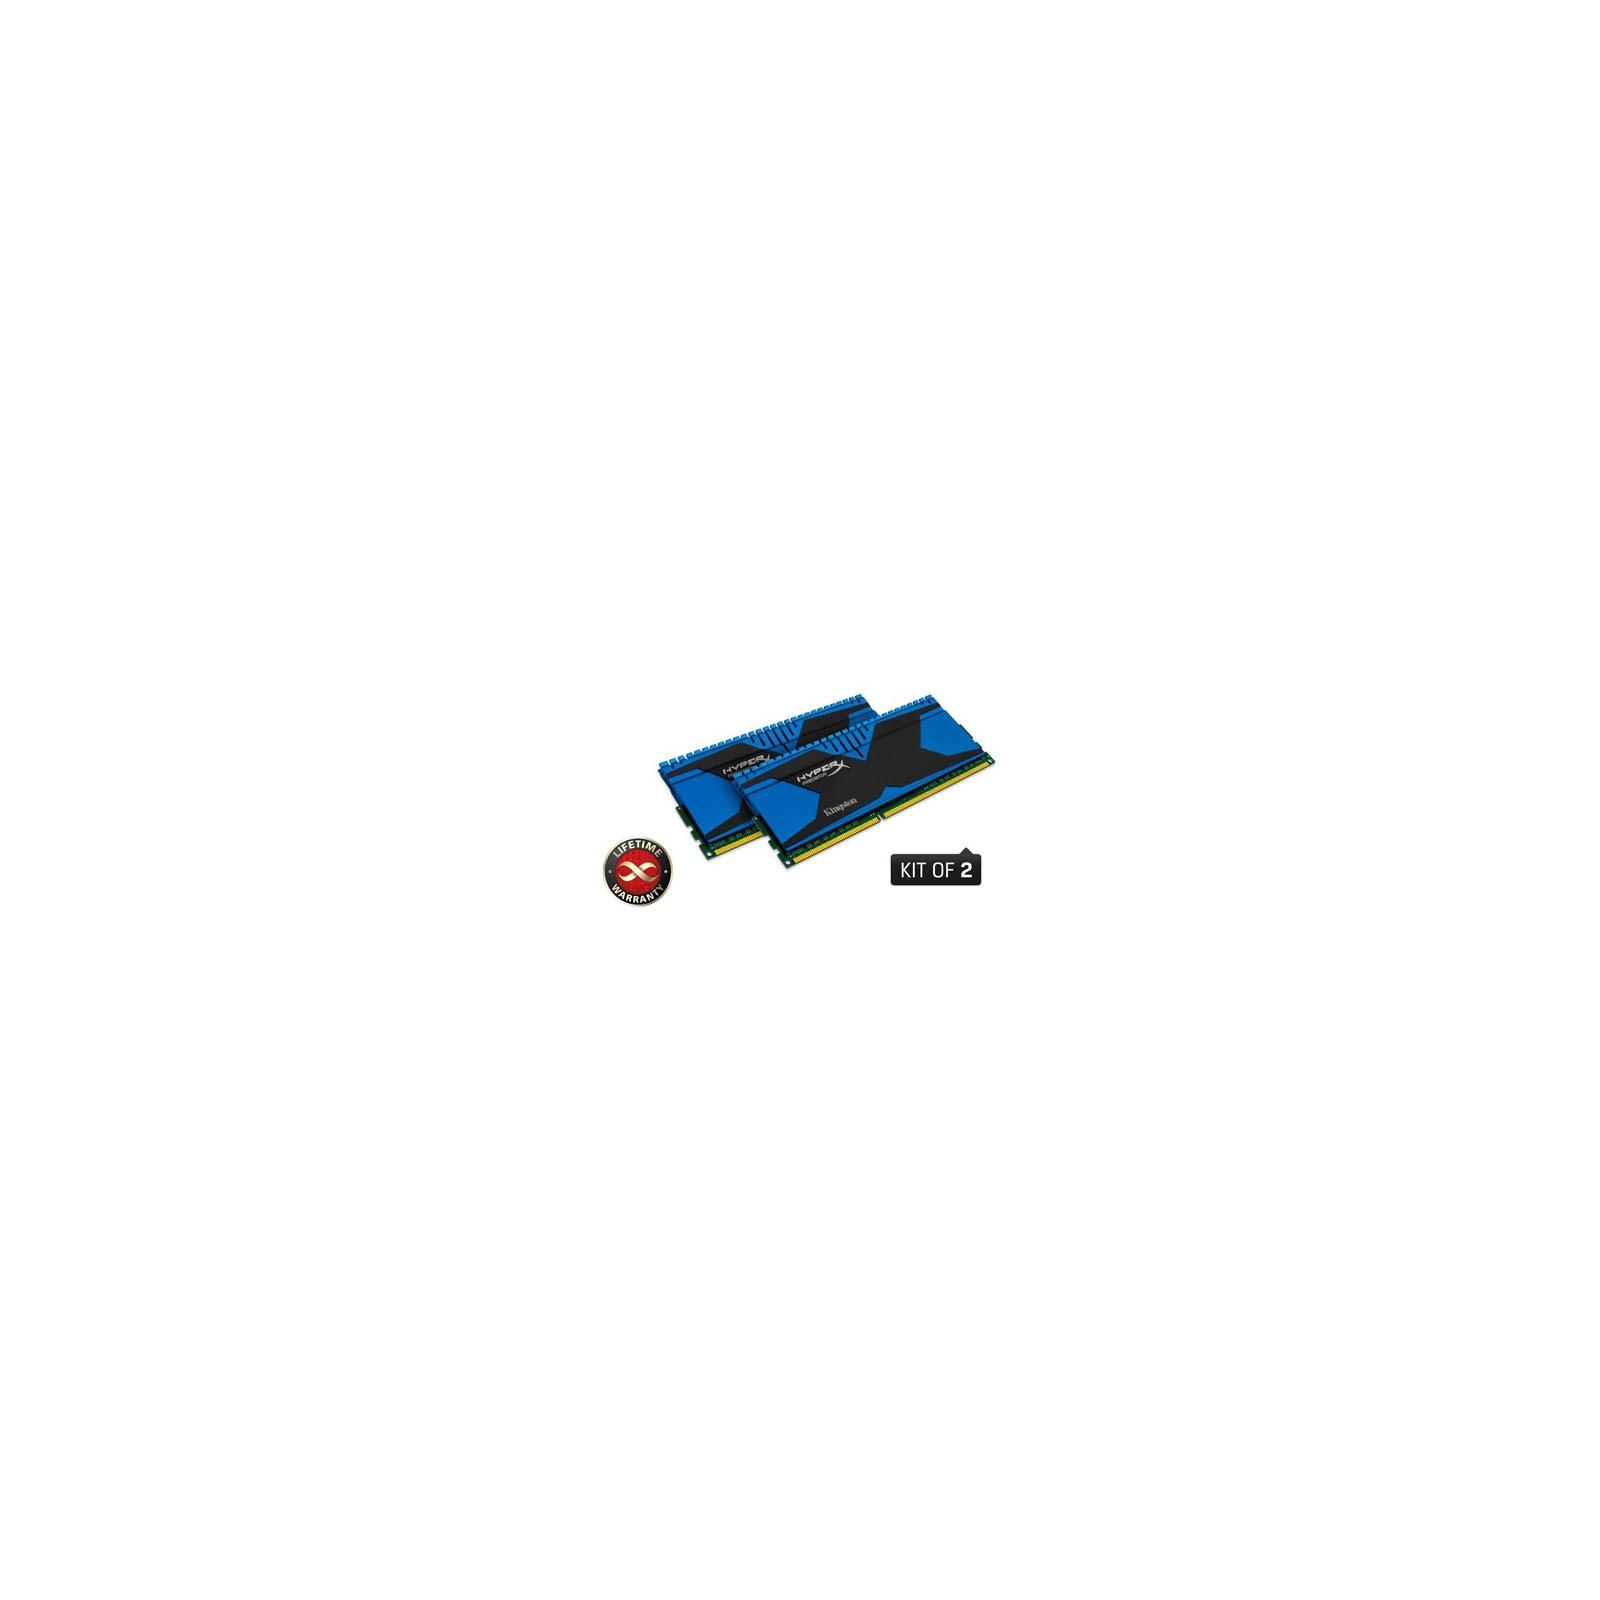 Модуль памяти для компьютера DDR3 16GB (2x8GB) 1866 MHz Kingston (KHX18C9T2K2/16X)